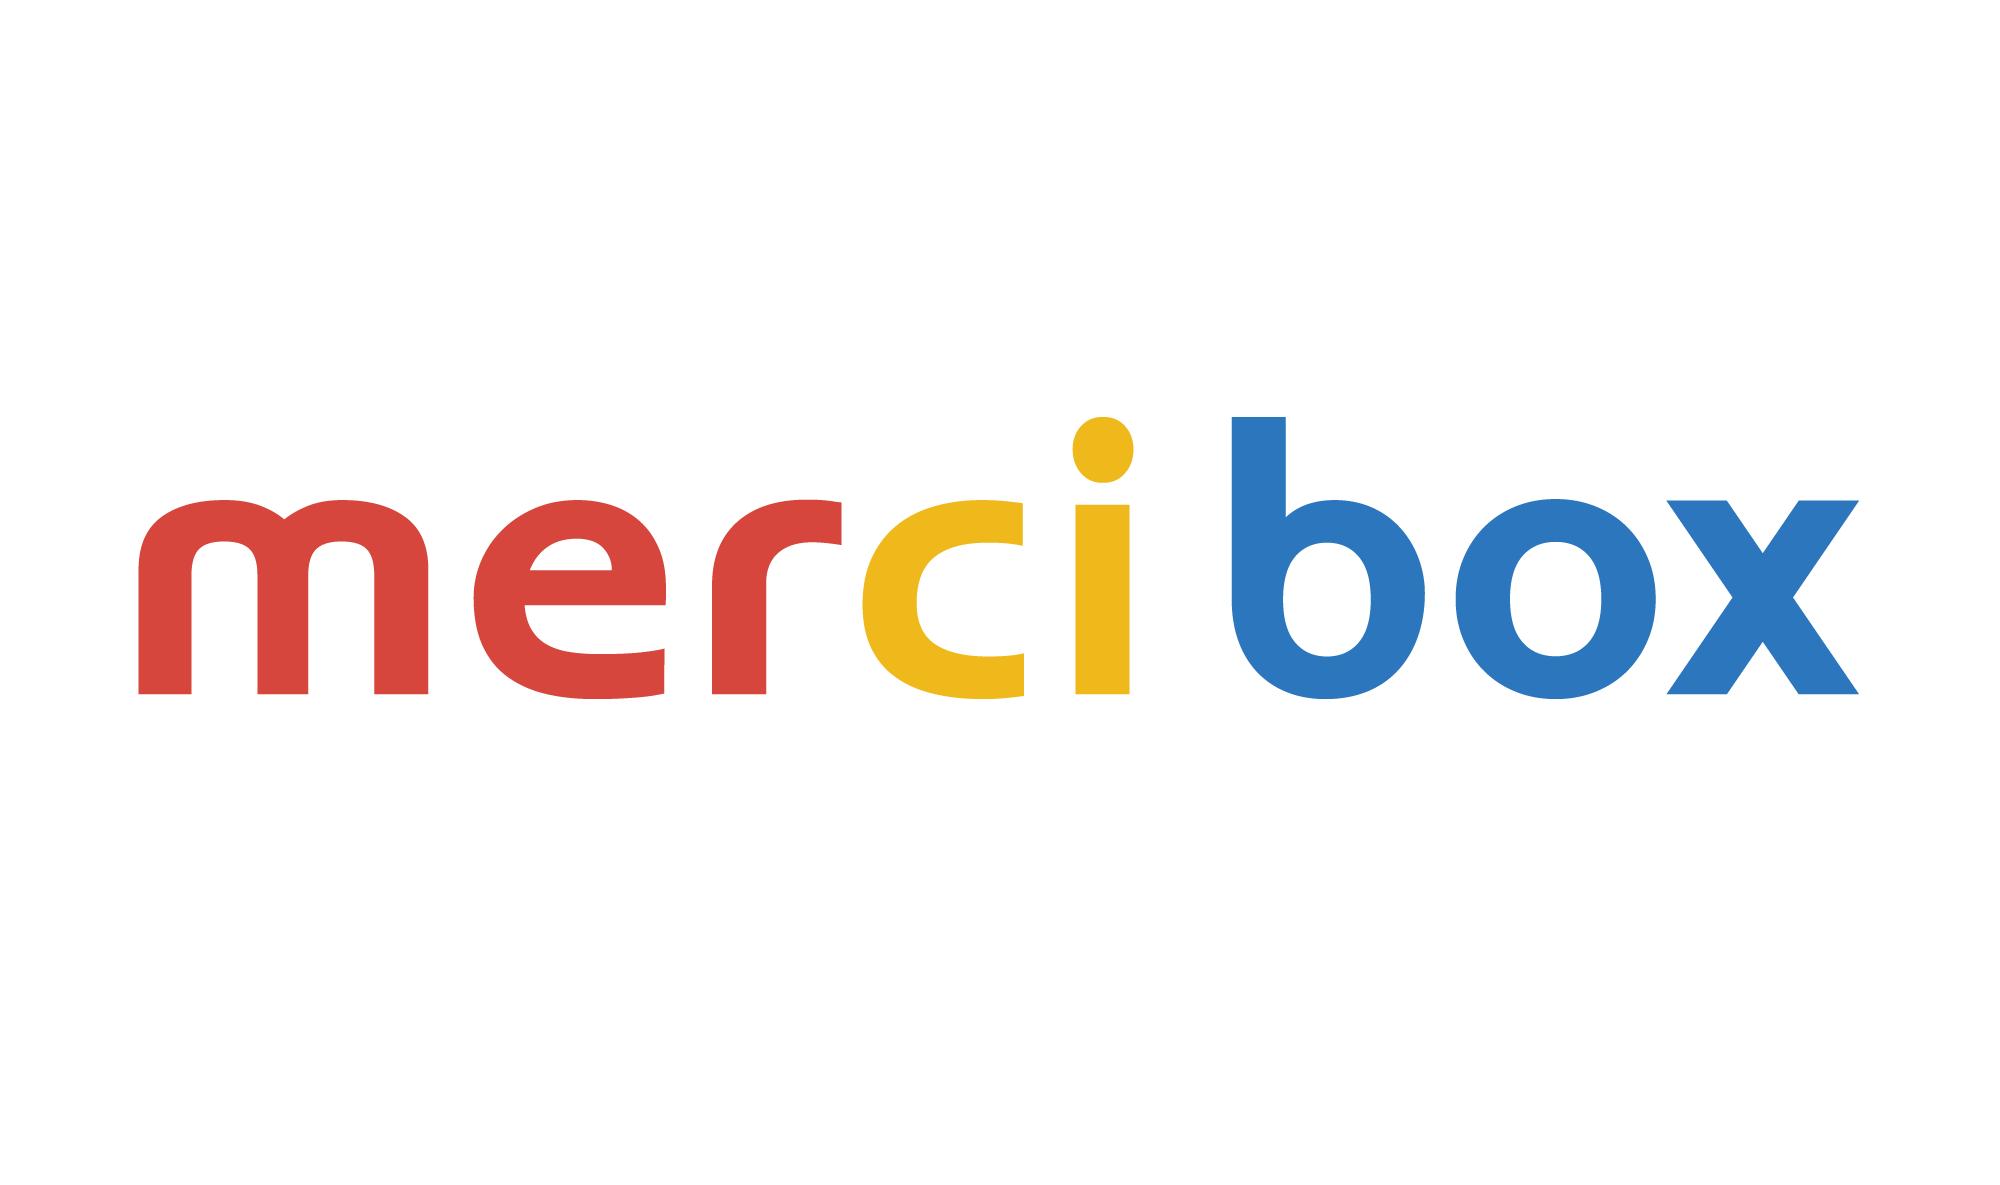 メルカリが産・育休8カ月分給与を100%保証する新人事制度「merci box」開始ーー創業3年目のDL数は世界で3100万件に